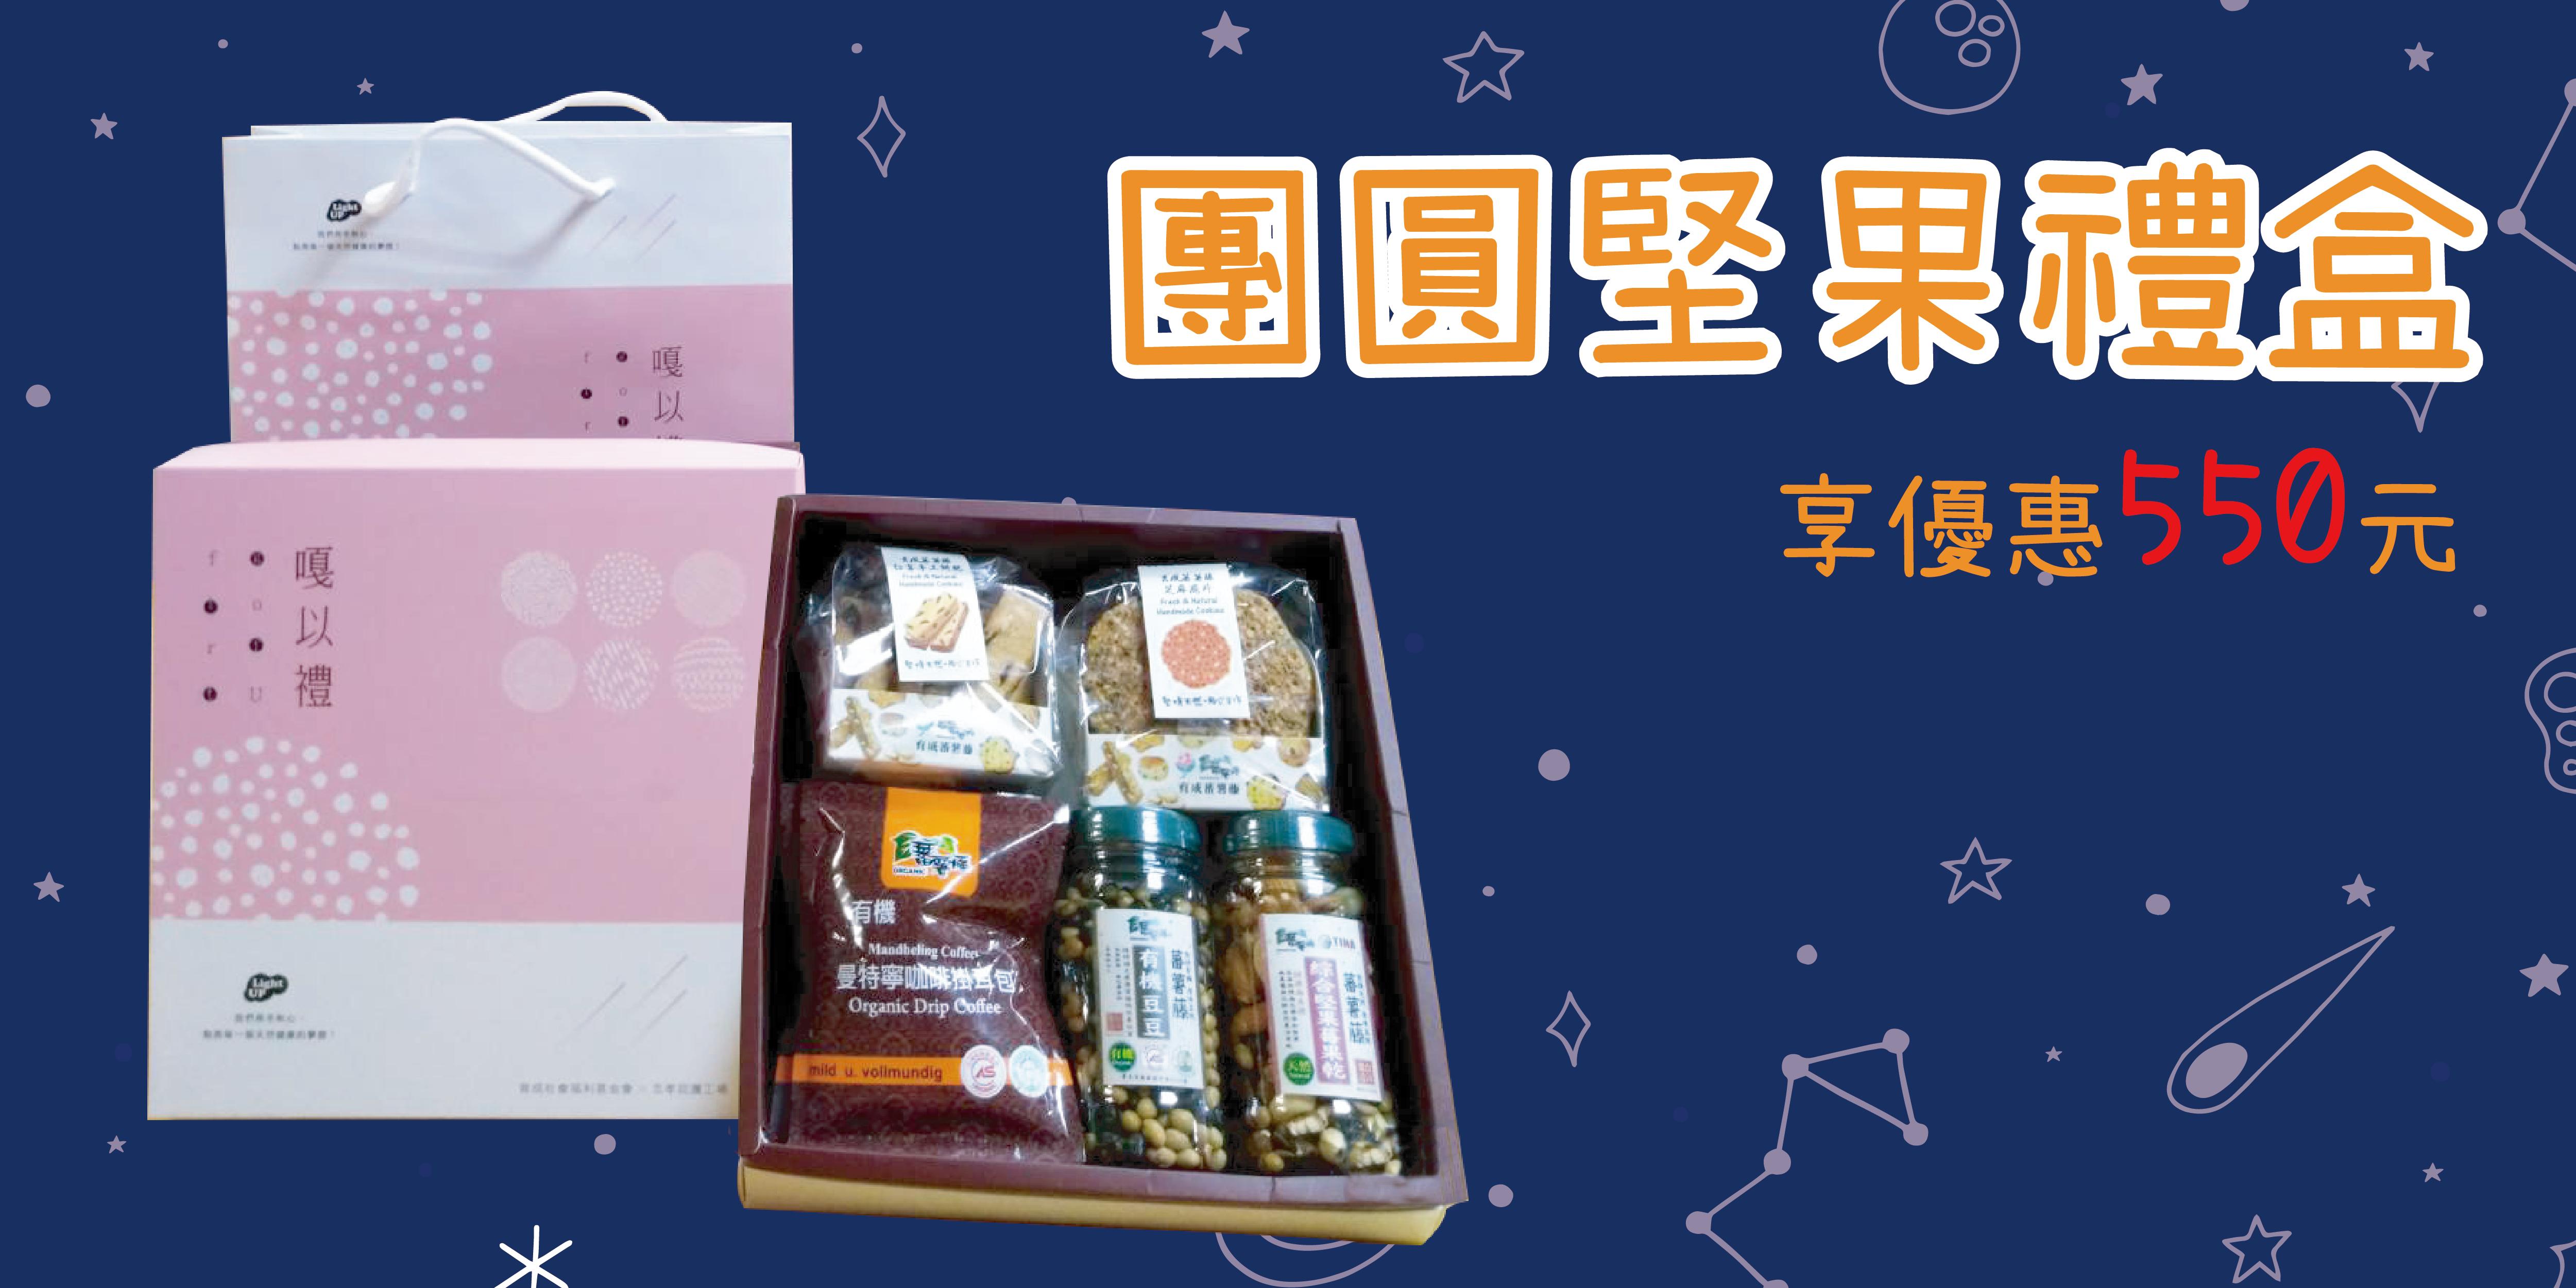 【中秋好禮】育成蕃薯藤團圓堅果禮盒預購中 代表圖